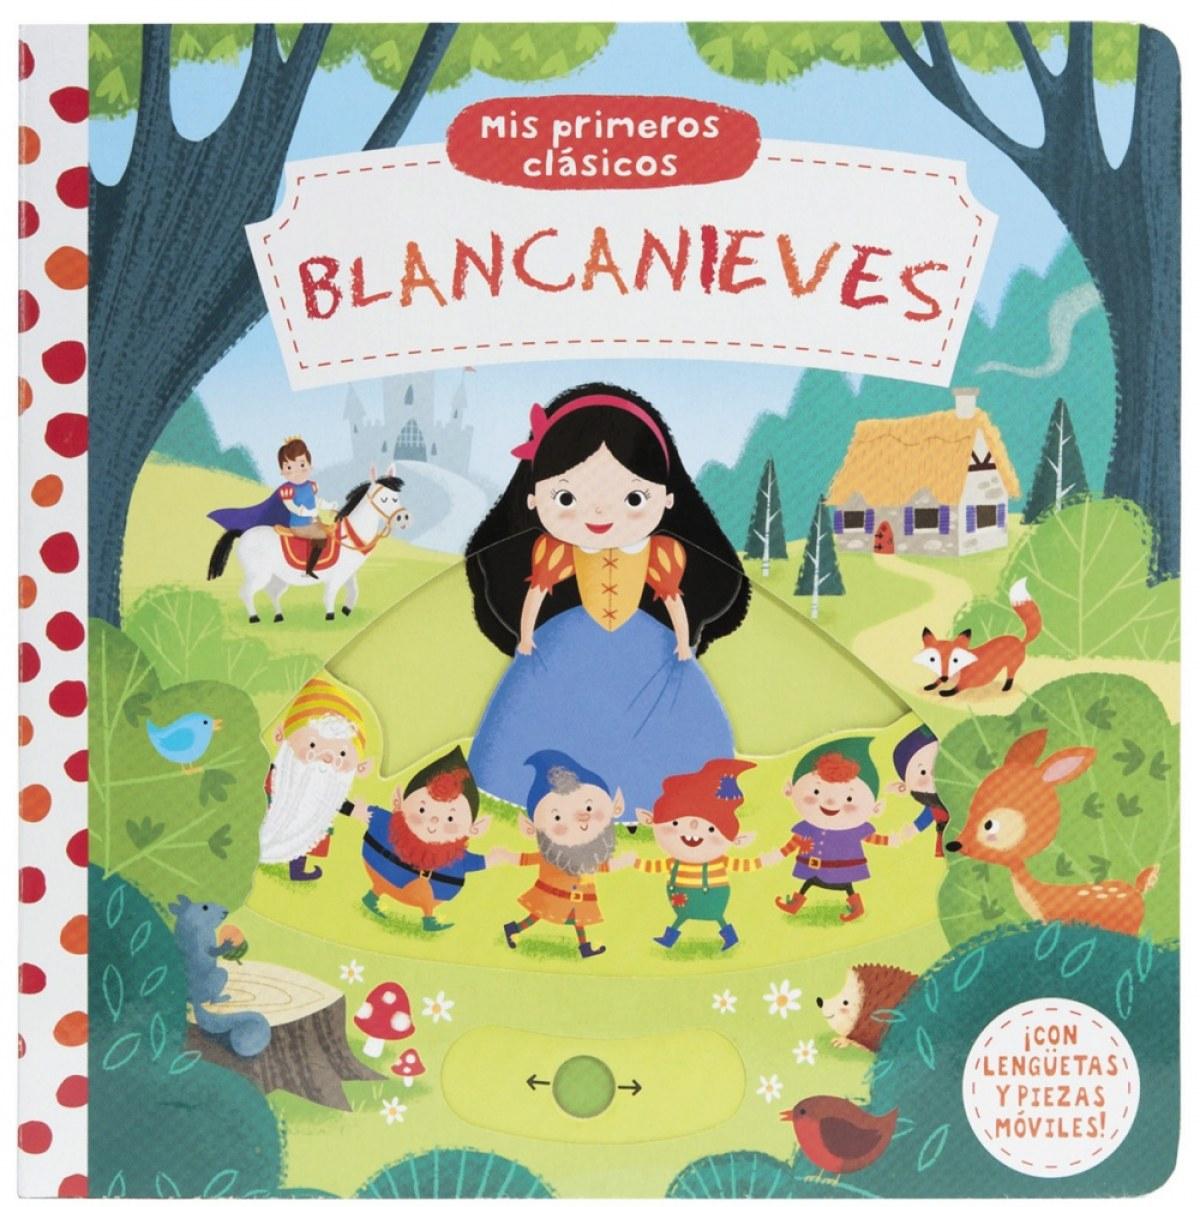 BLANCANIEVES MIS PRIMEROS CLASICOS